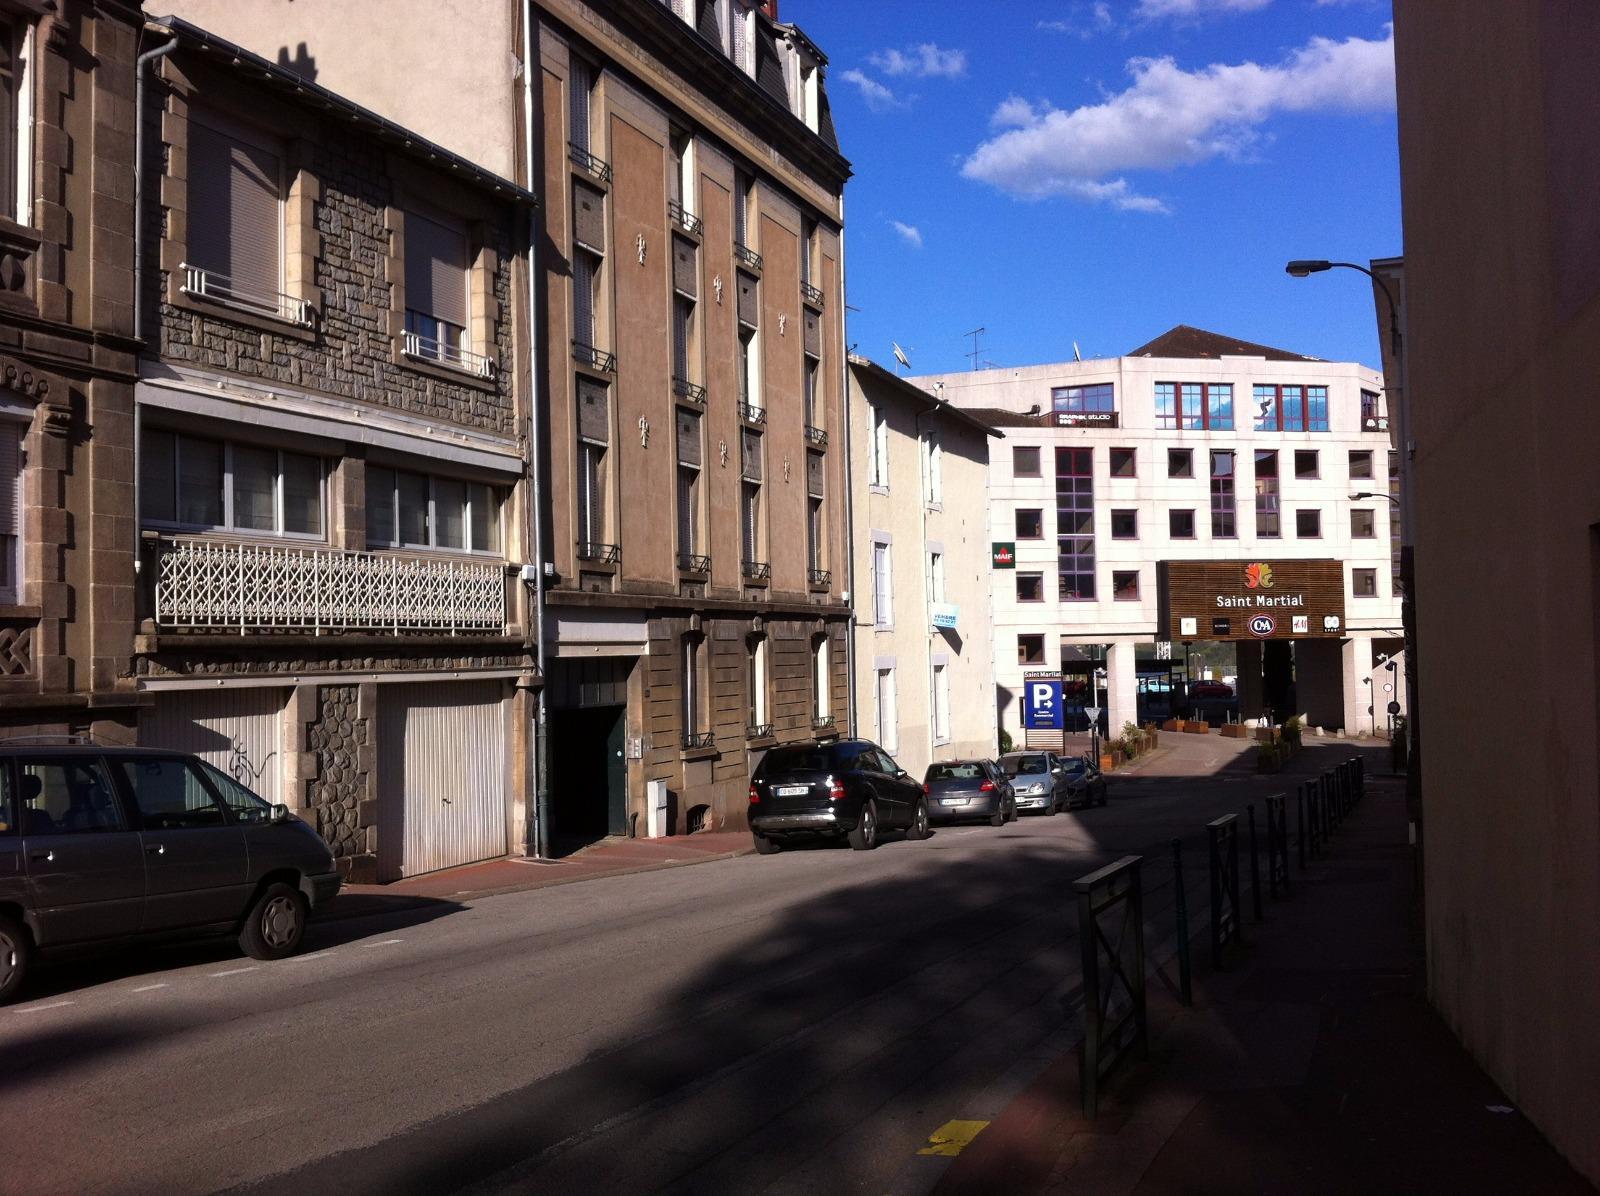 Location commerces locaux commerciaux et studios limoges for Garage iveco limoges